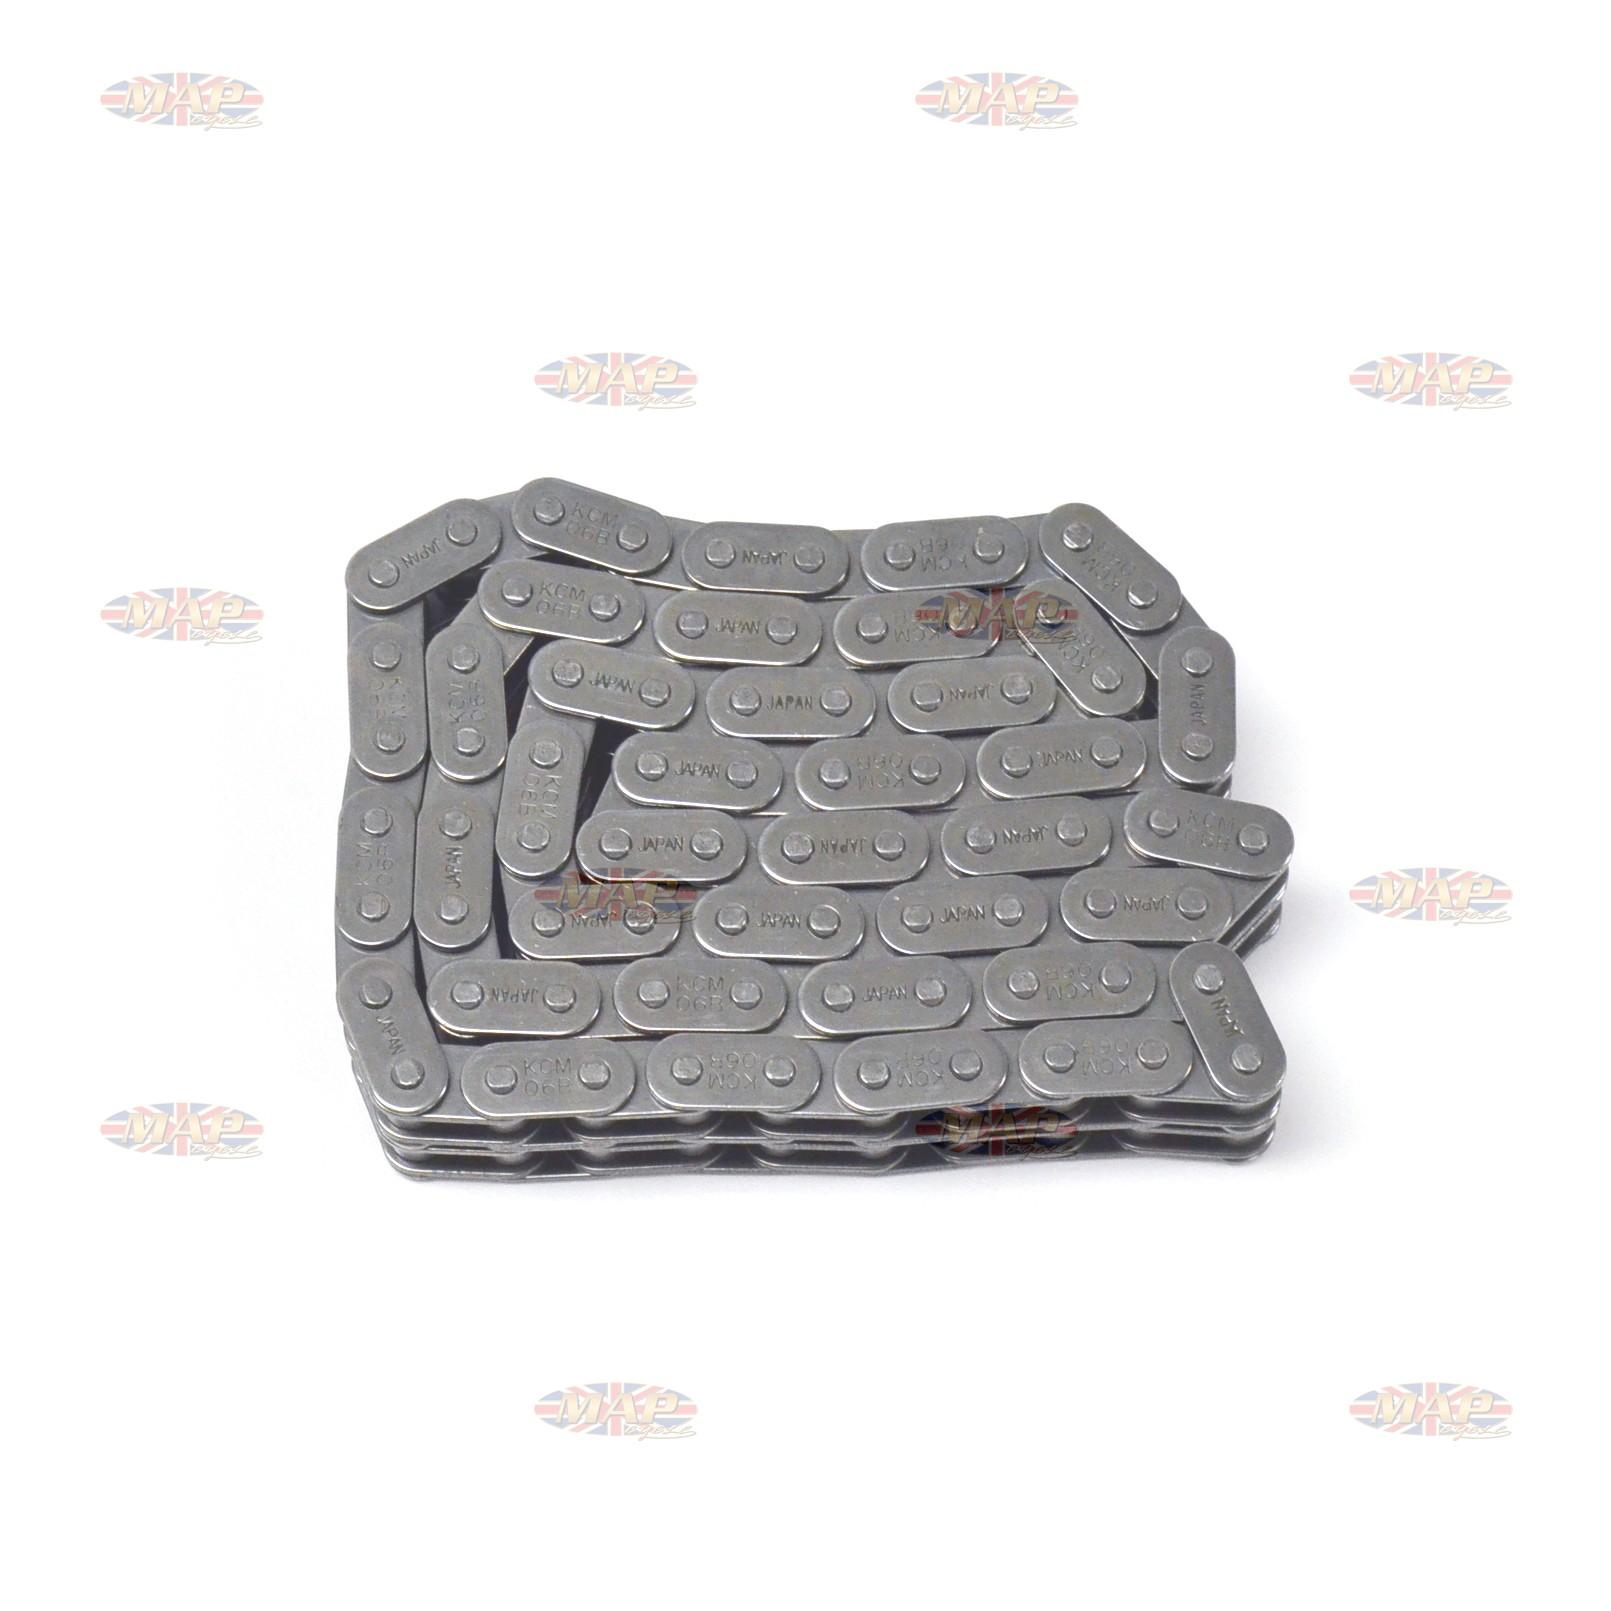 CHAIN/ PRIMARY/ 78L DUPLEX/ GERMAN 60-0358/G